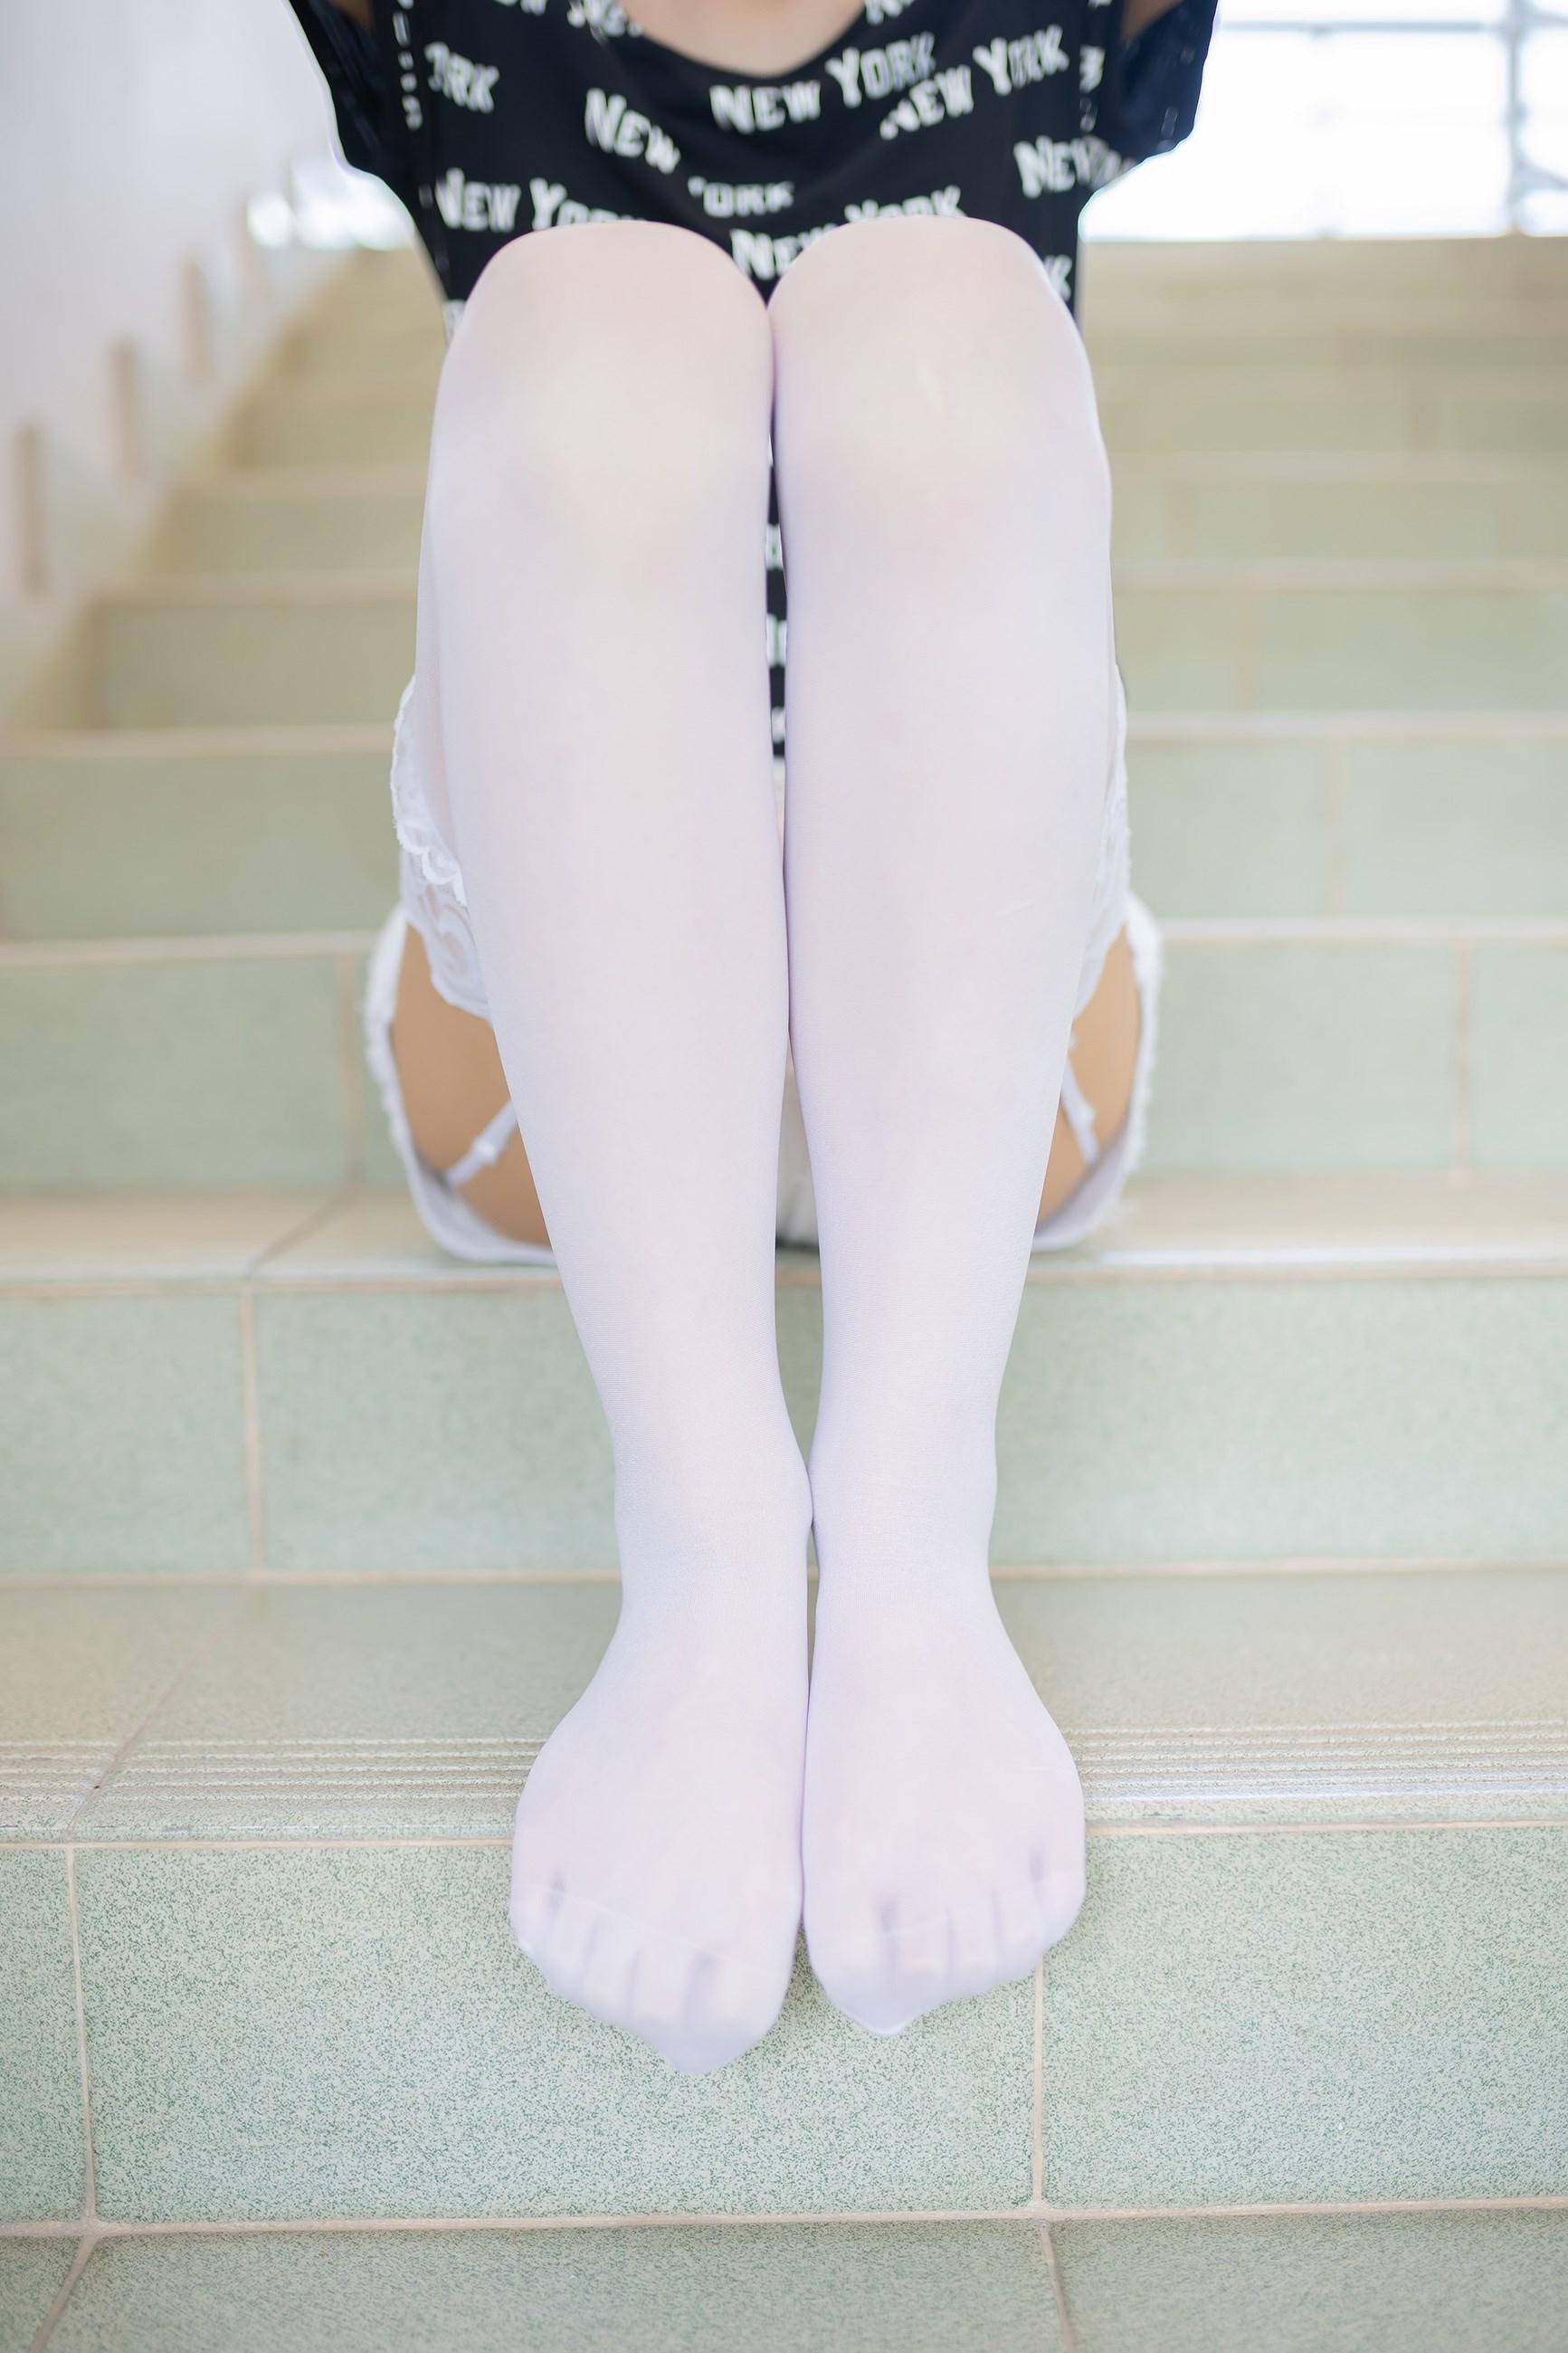 【兔玩映画】白丝吊带袜 兔玩映画 第9张